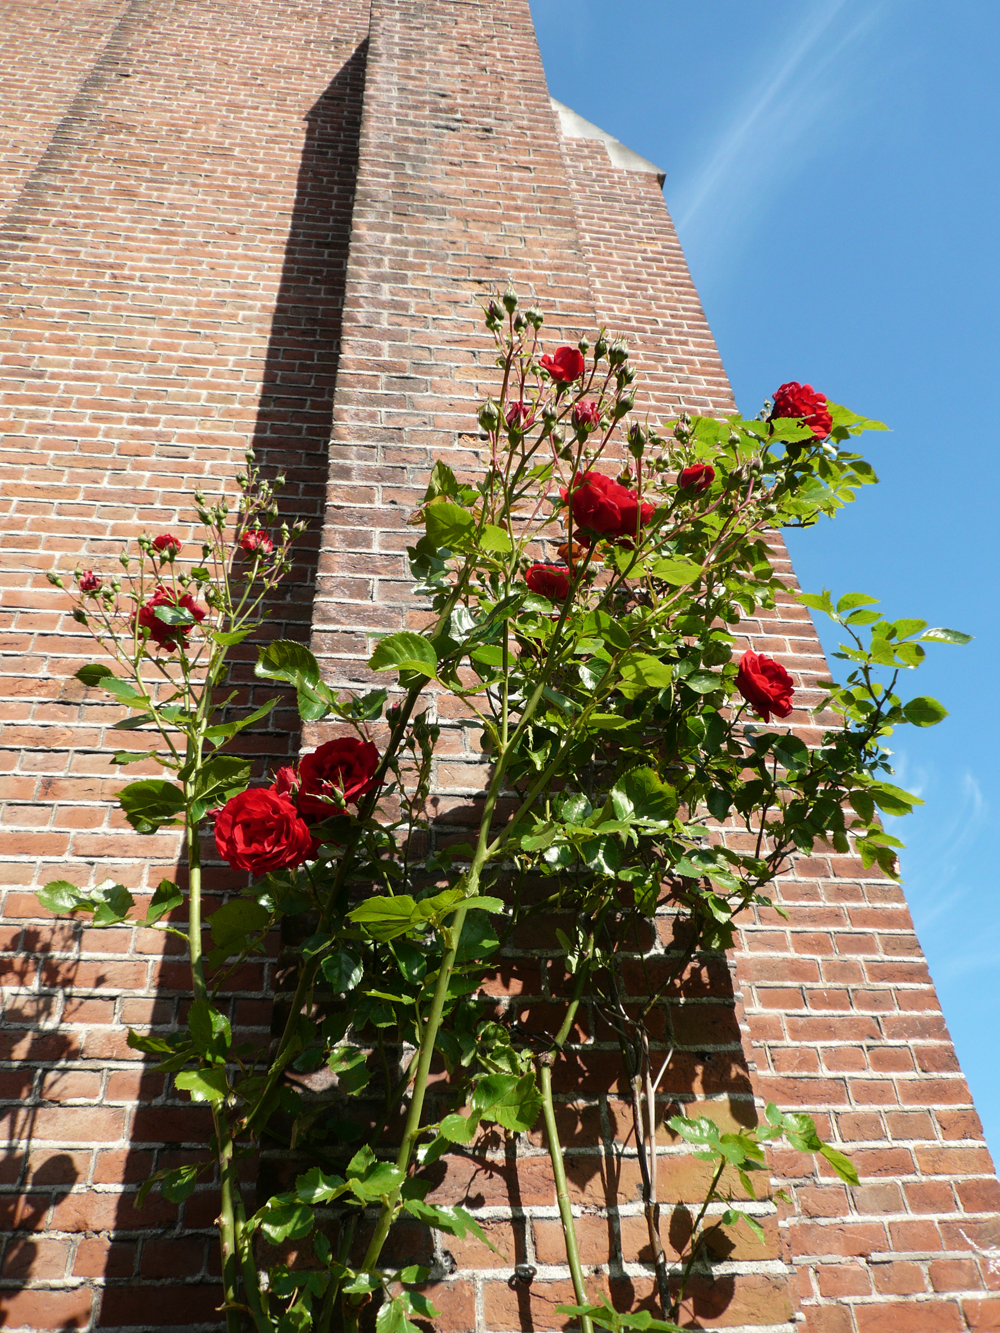 De roos bloeit.